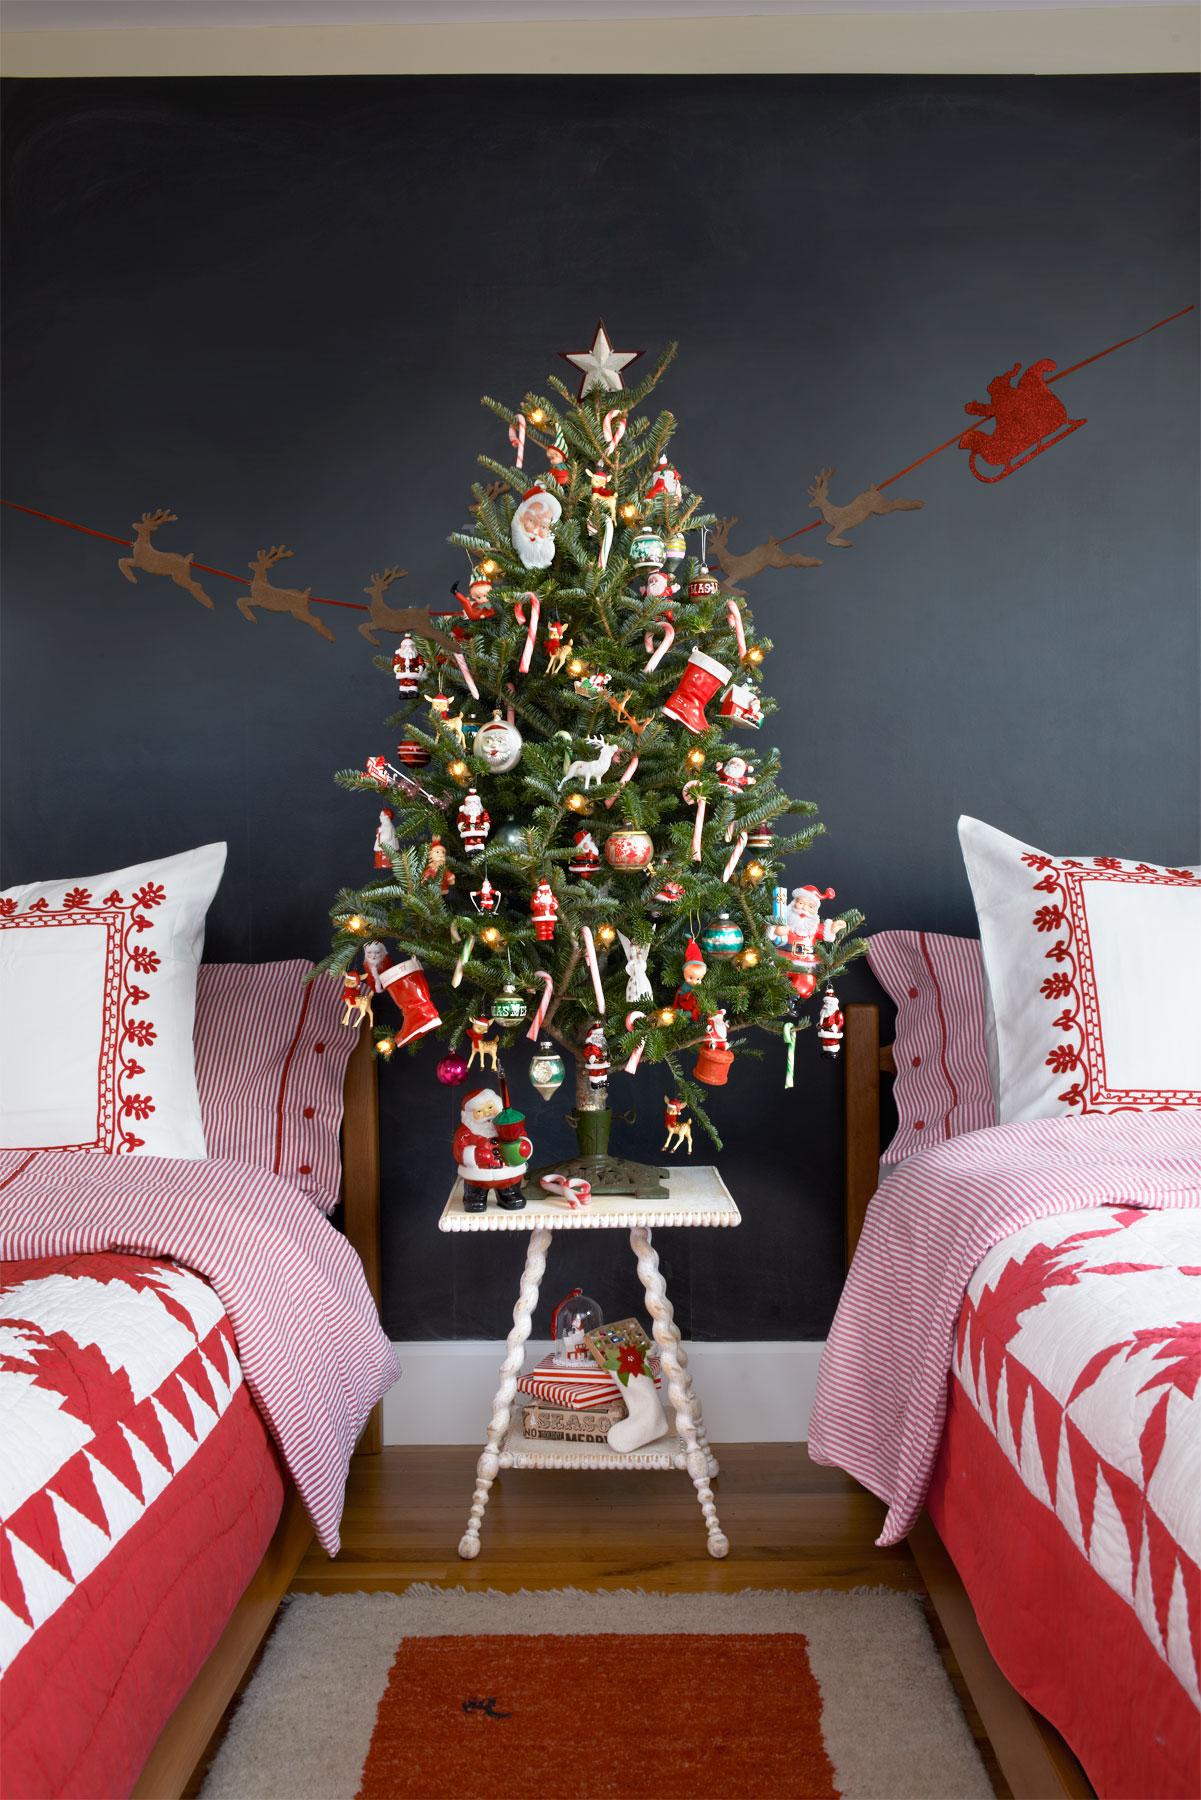 这个时候才收到圣诞树,不知道要哭还是笑。图取自:aliexpress